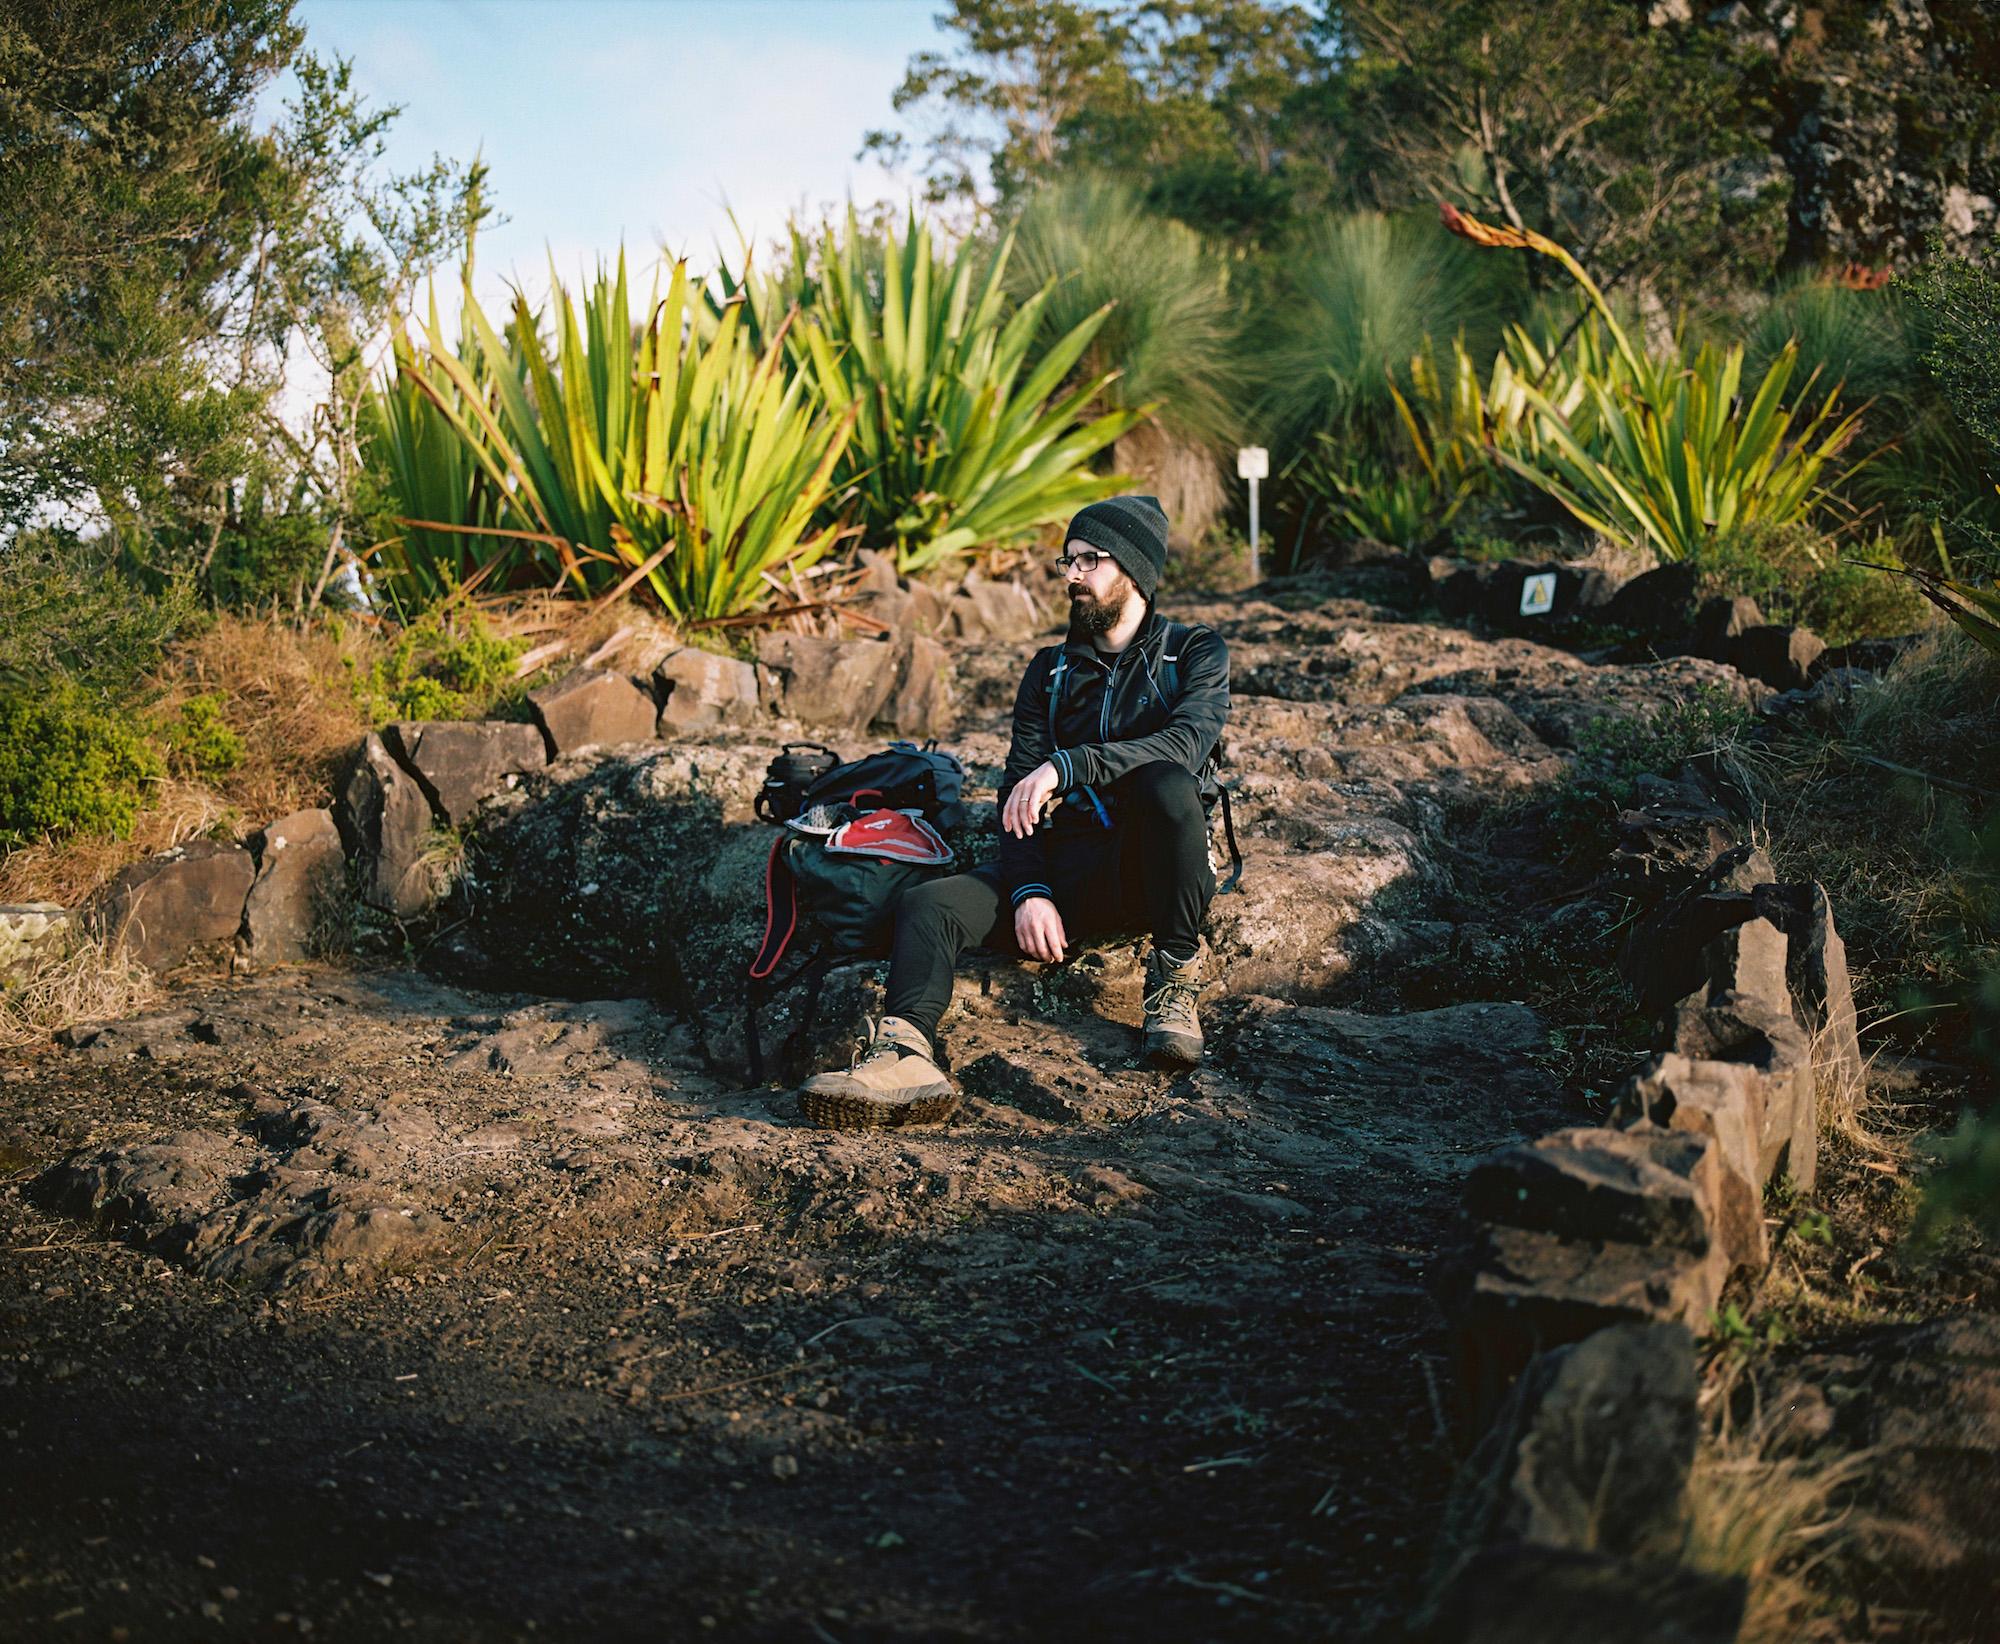 My hiking buddy Dash shot on Mamiya 7 medium format 6x7 using Kodak Portra 160 film.